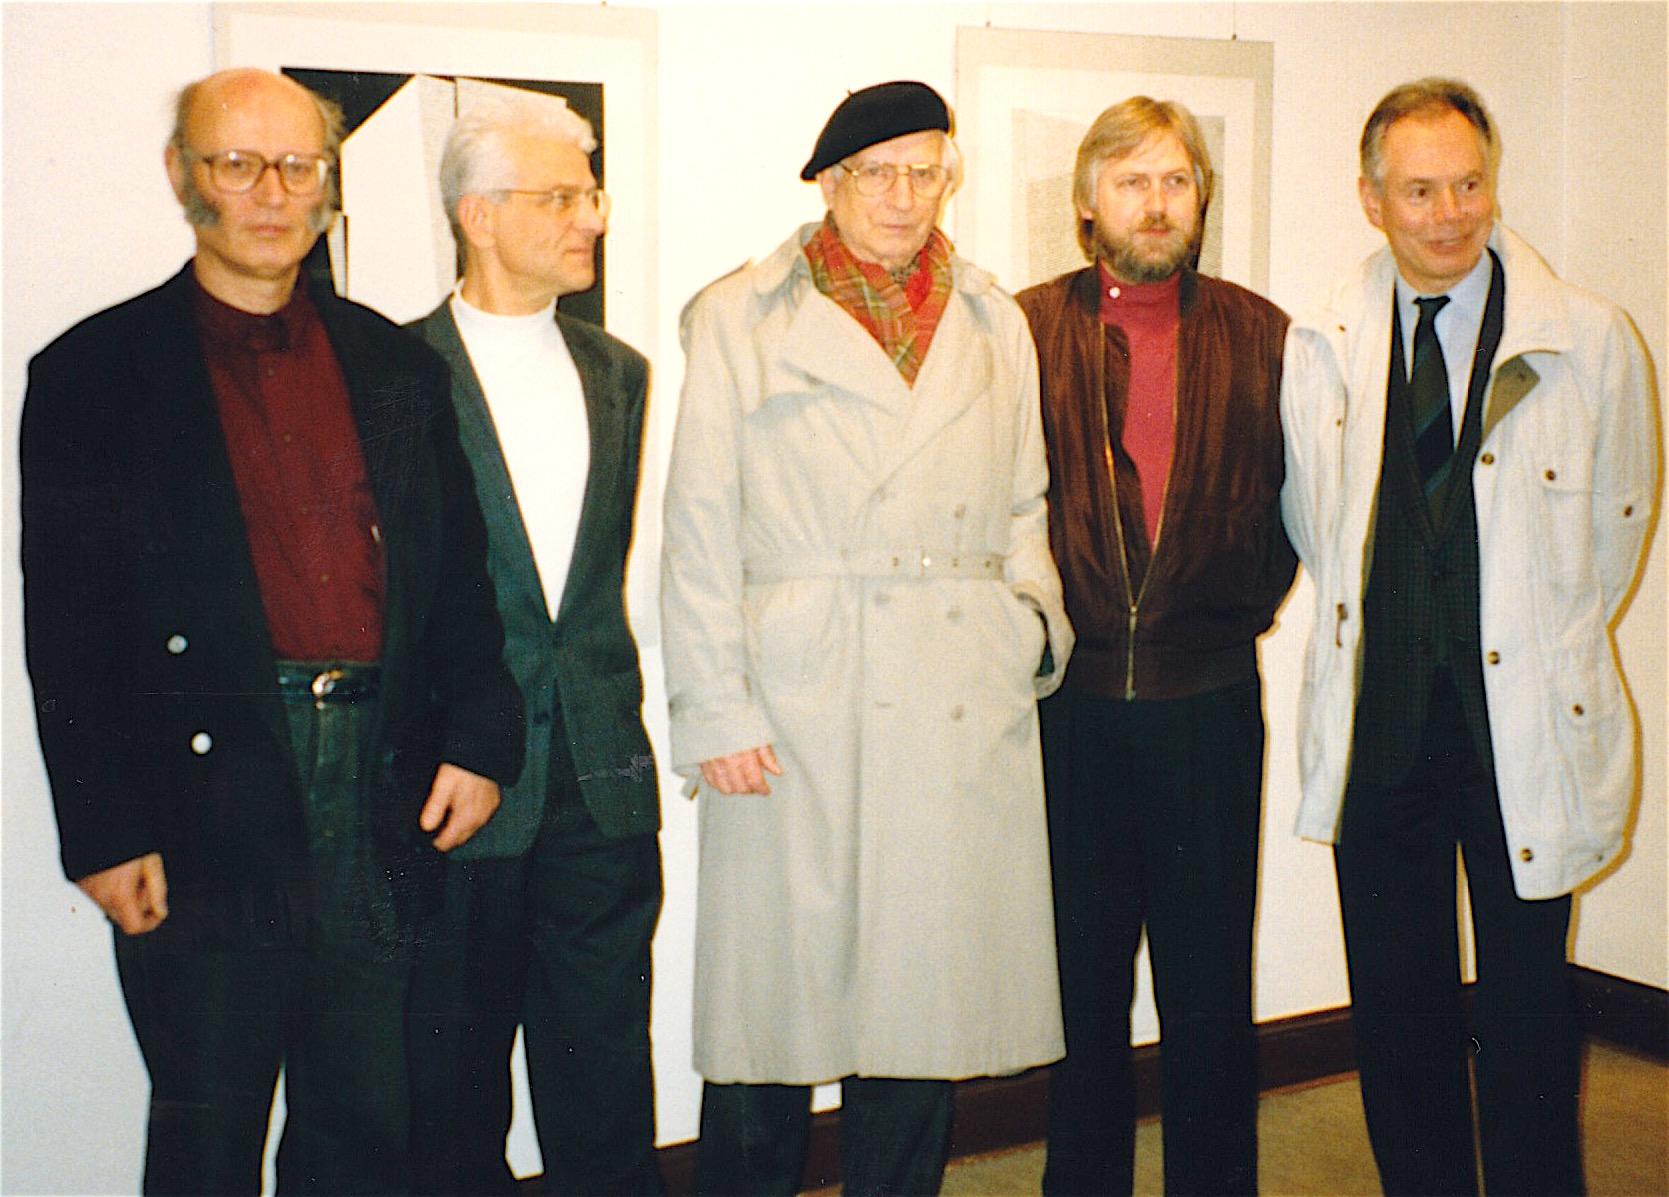 Künstlergruppe Bonn: Pitzen, Baars, JH, Heertz, Ulbrich